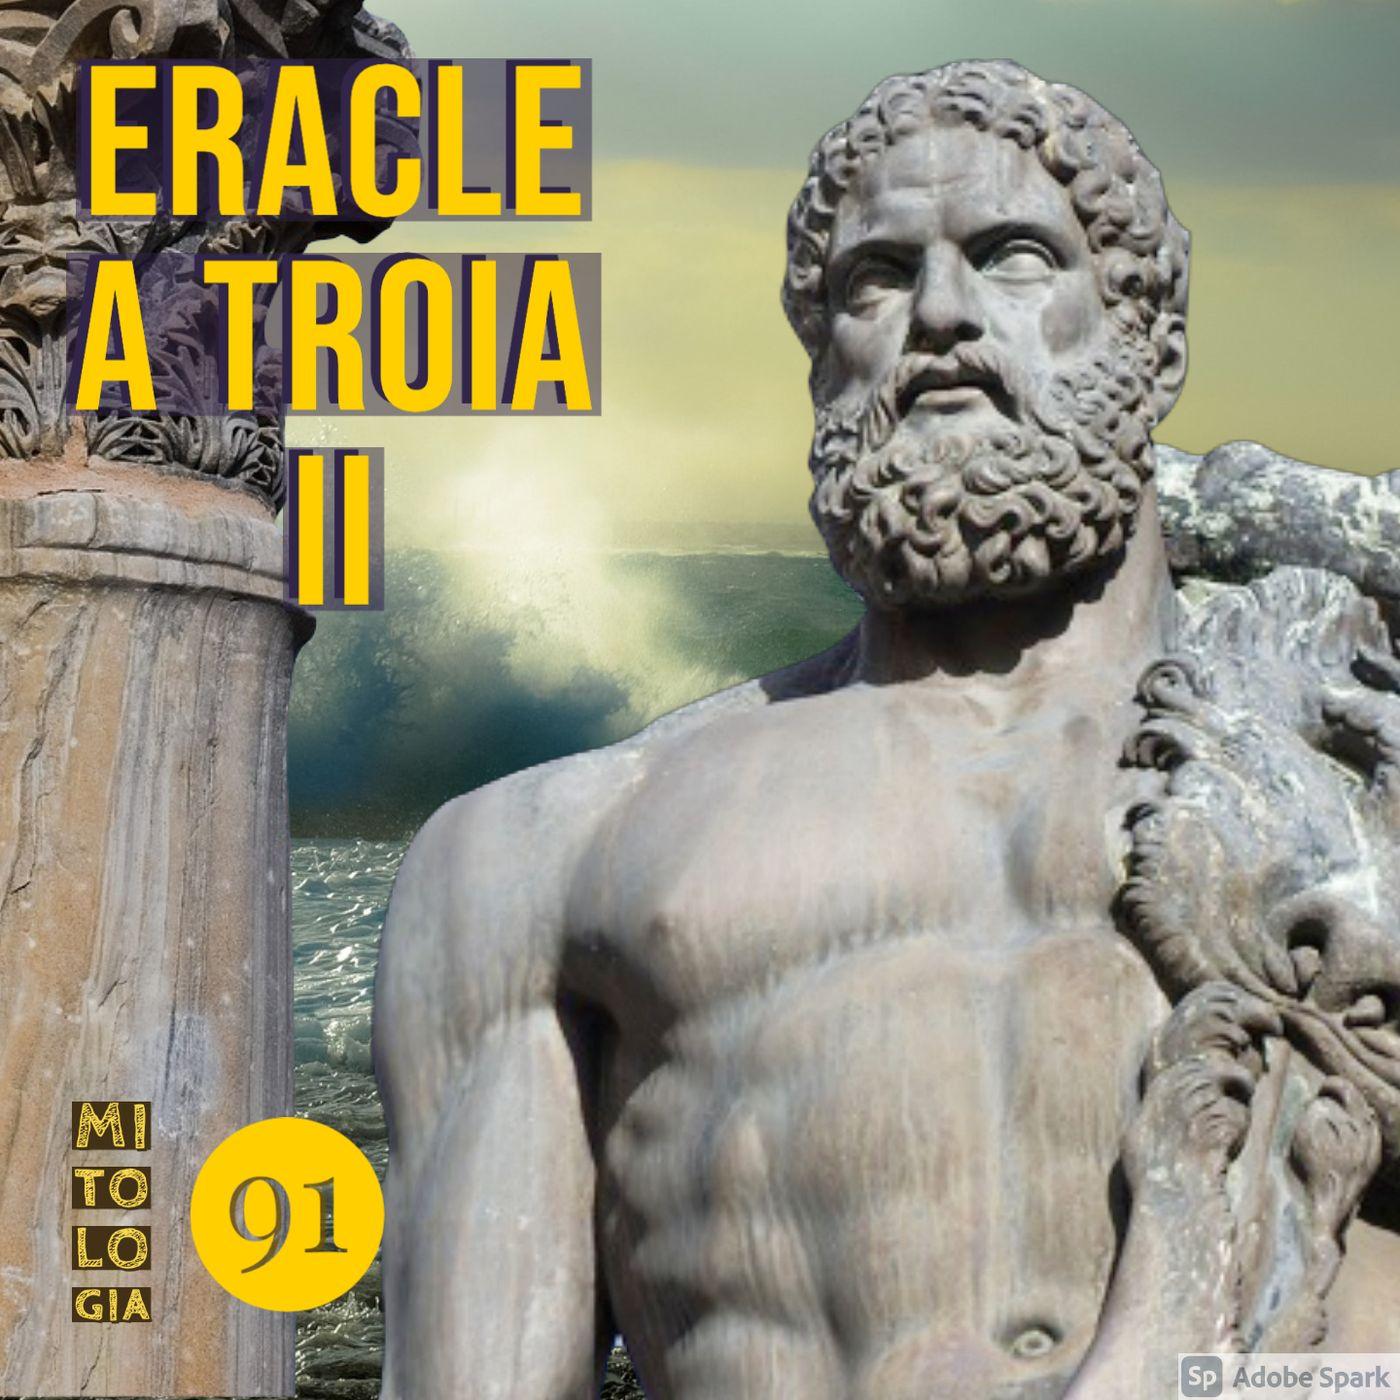 Eracle a Troia II - La battaglia col mostro e il voltafaccia di Laomedonte